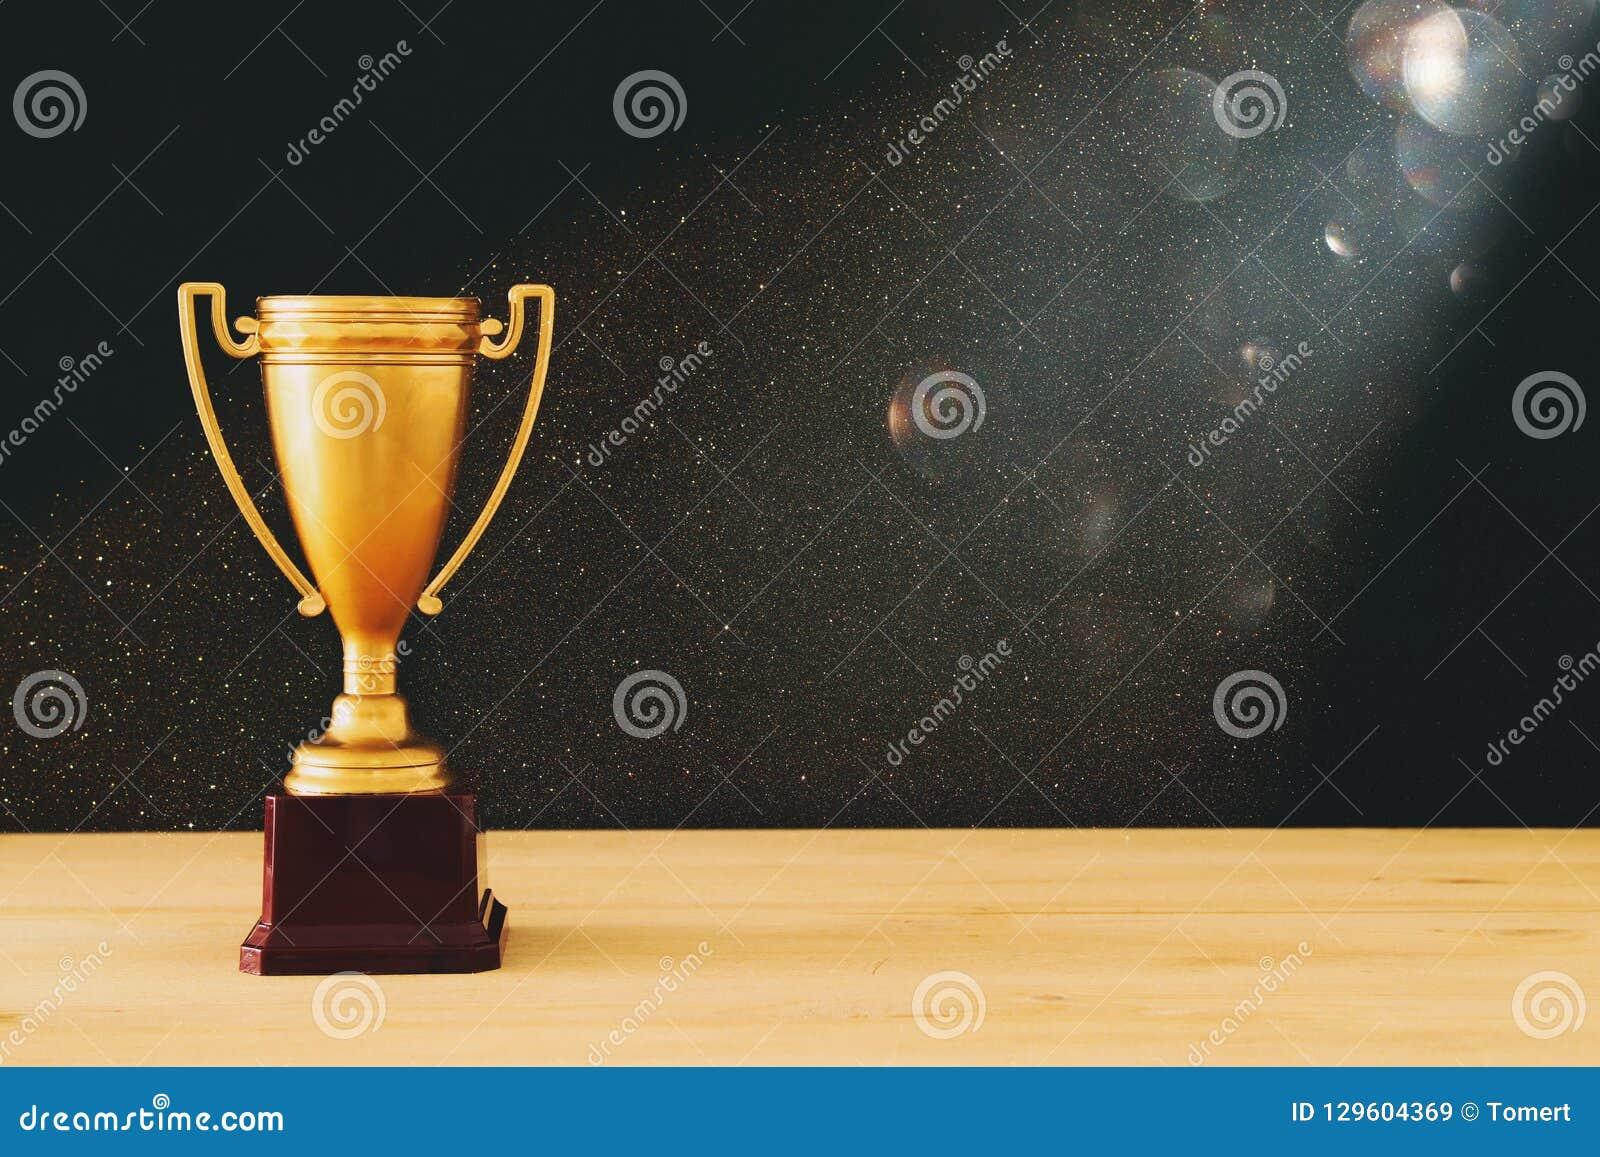 Imagen oscura del trofeo del oro sobre la tabla de madera y el fondo oscuro, con las luces abstractas del brillo